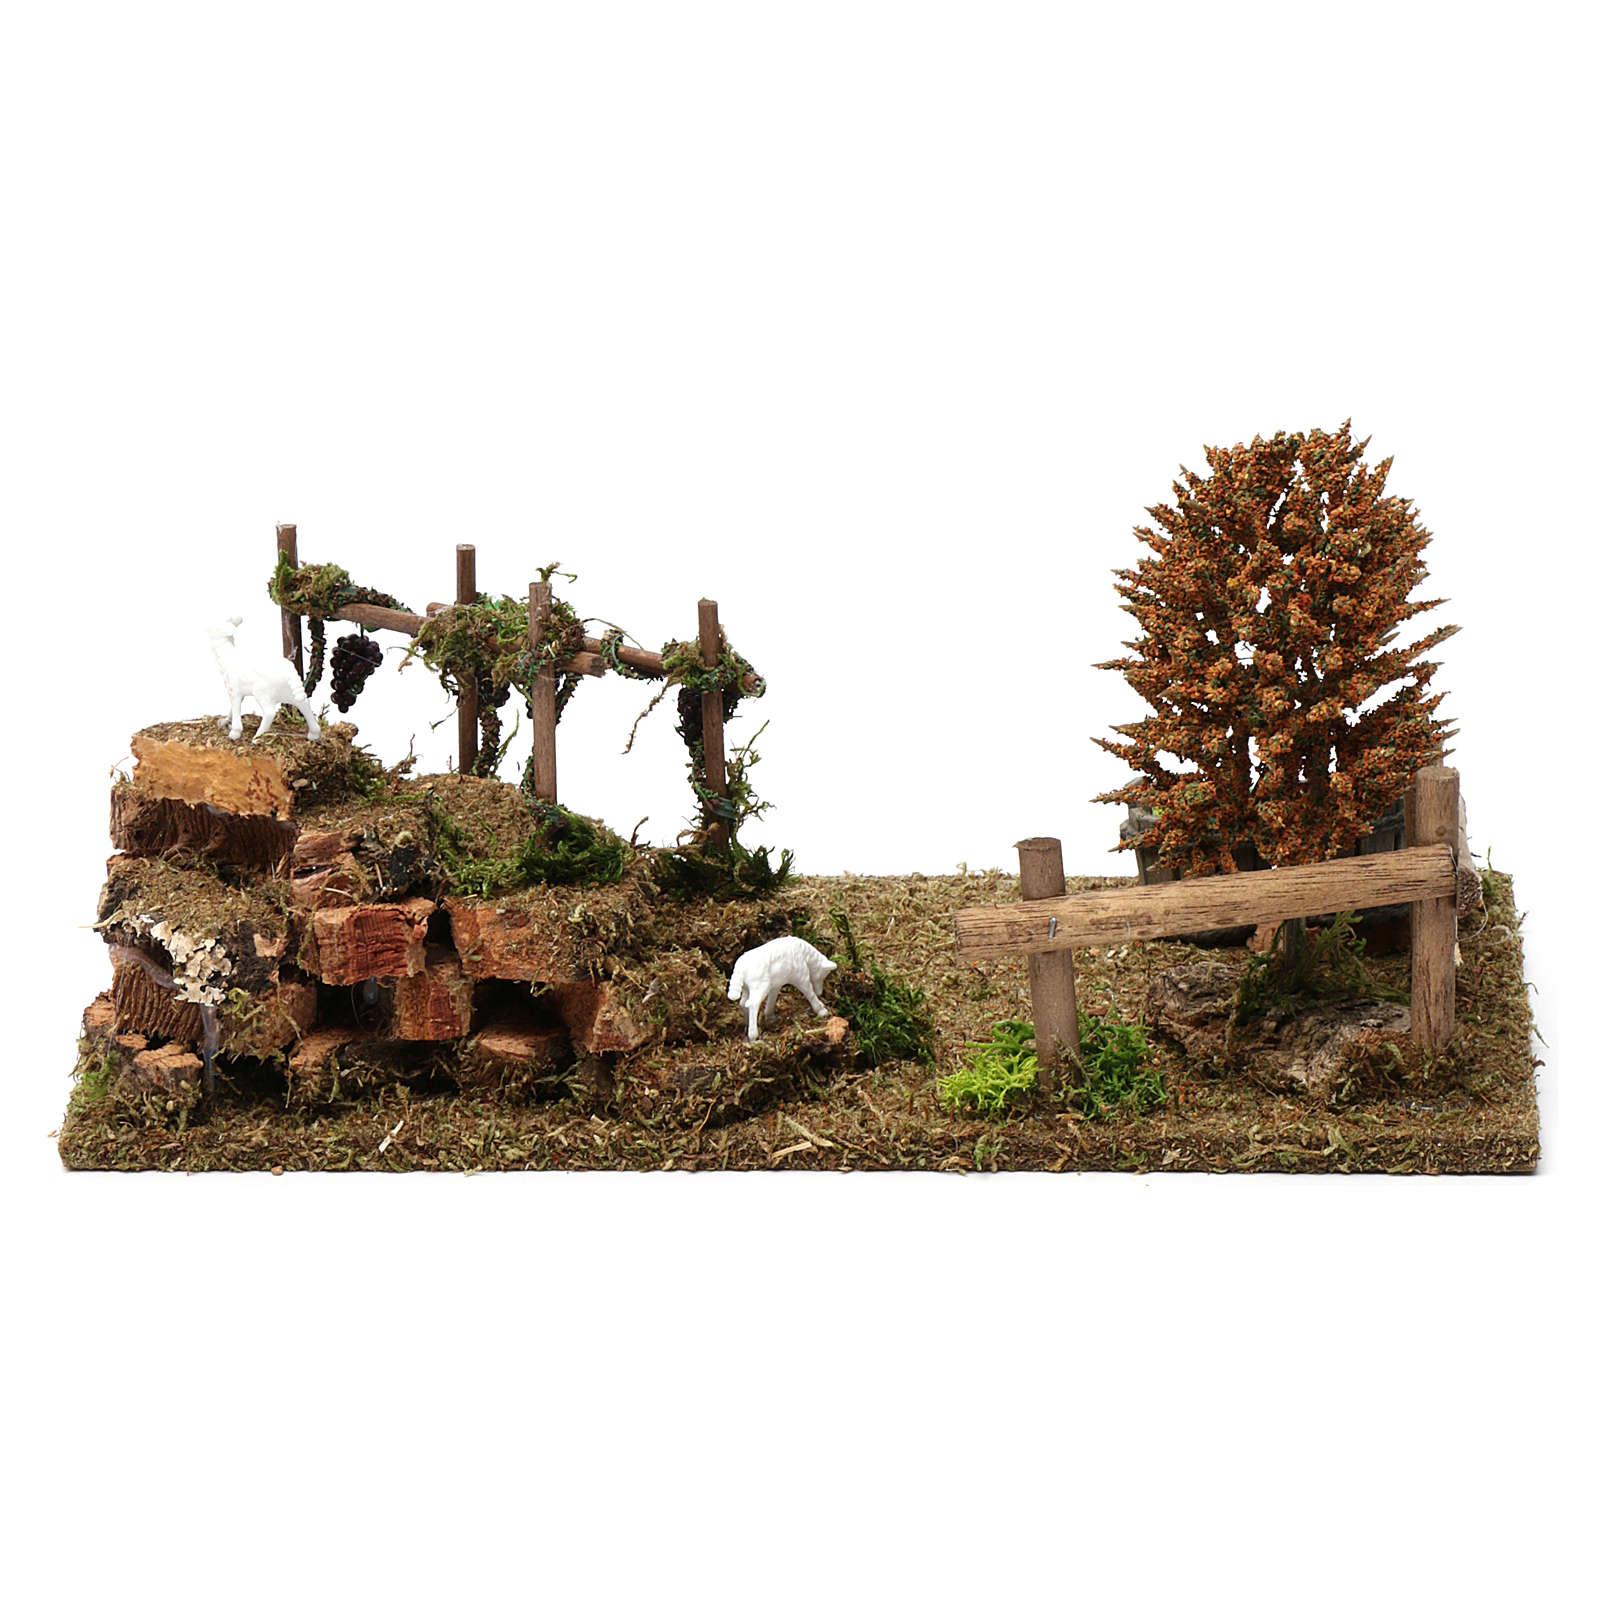 Colinas con viñedos, árboles, ovejas 10x30x20 cm para estatuas 8-10 cm de altura media 4